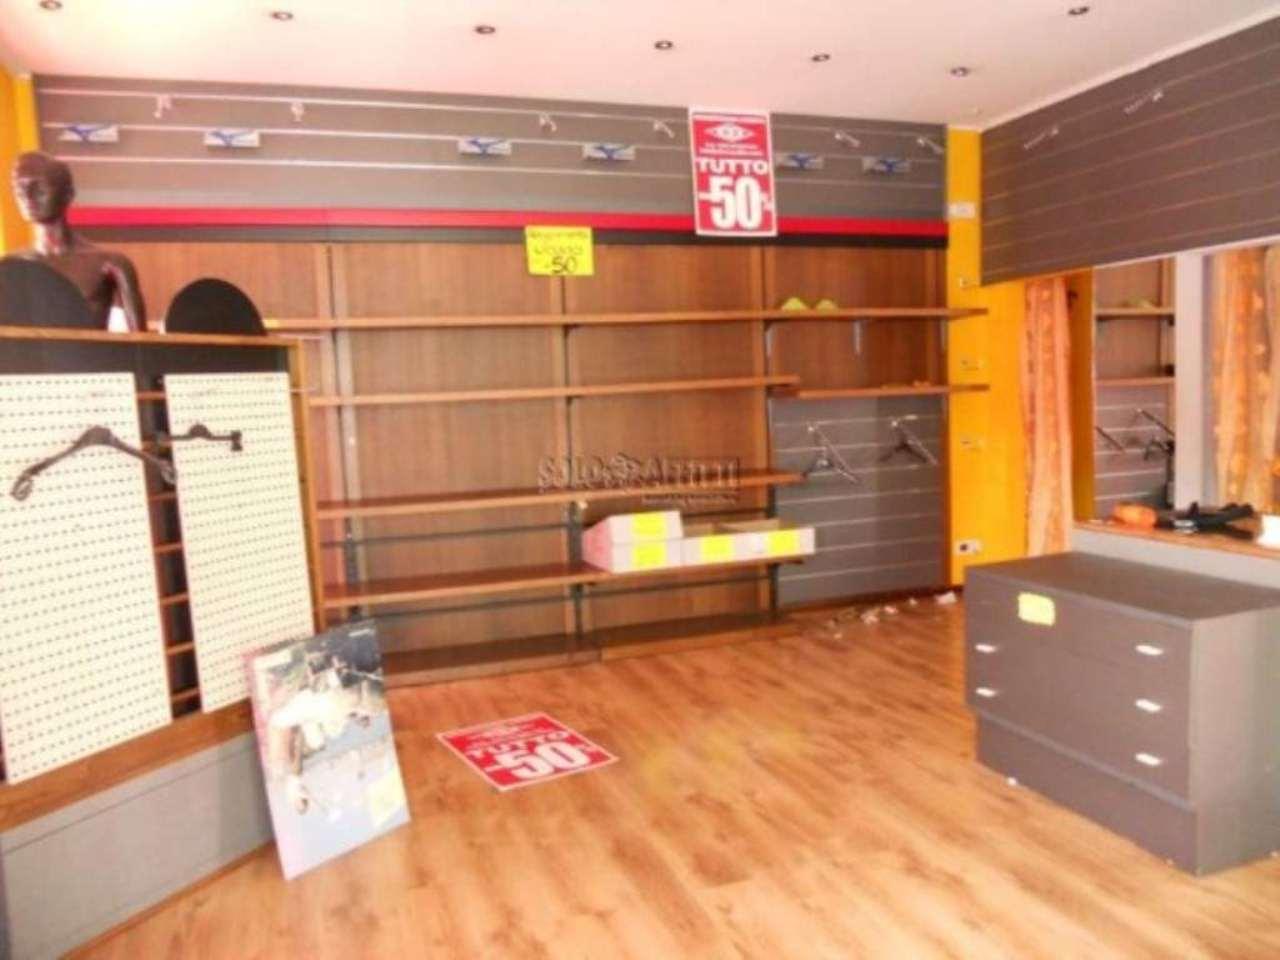 Negozio / Locale in affitto a Montecatini-Terme, 1 locali, prezzo € 1.500 | Cambio Casa.it